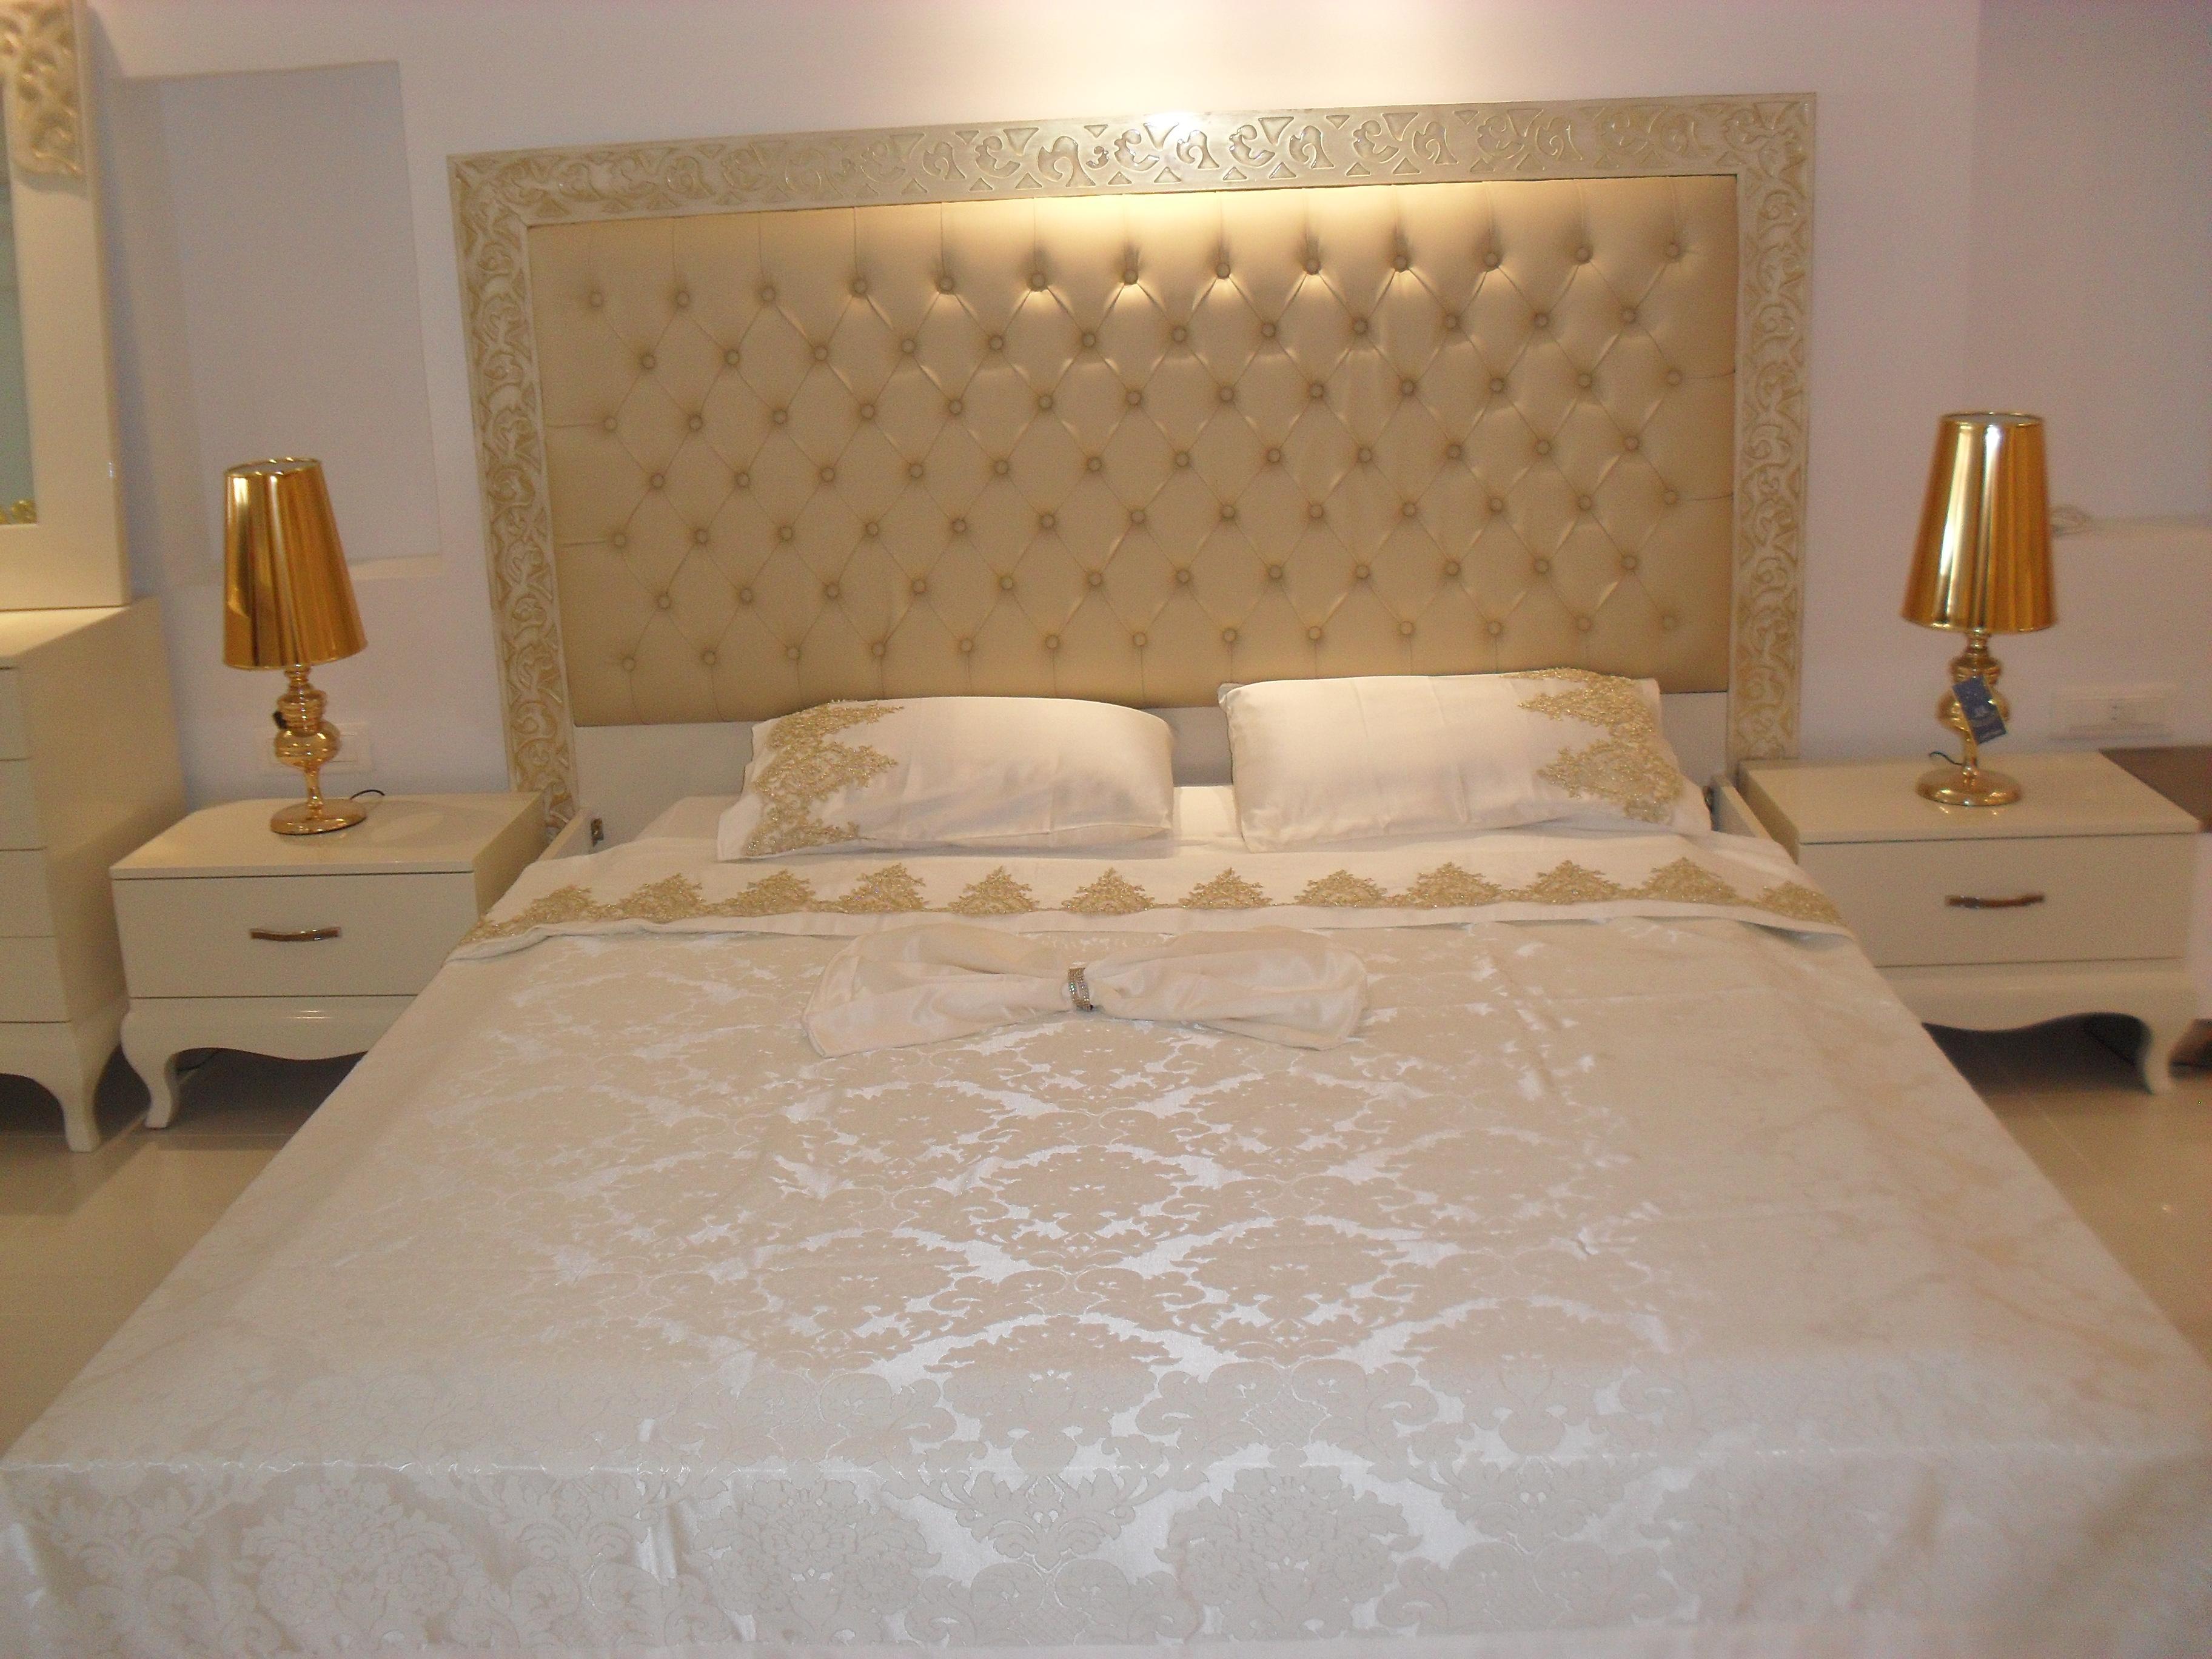 Chamber à coucher chahd - Meubles et décoration Tunisie